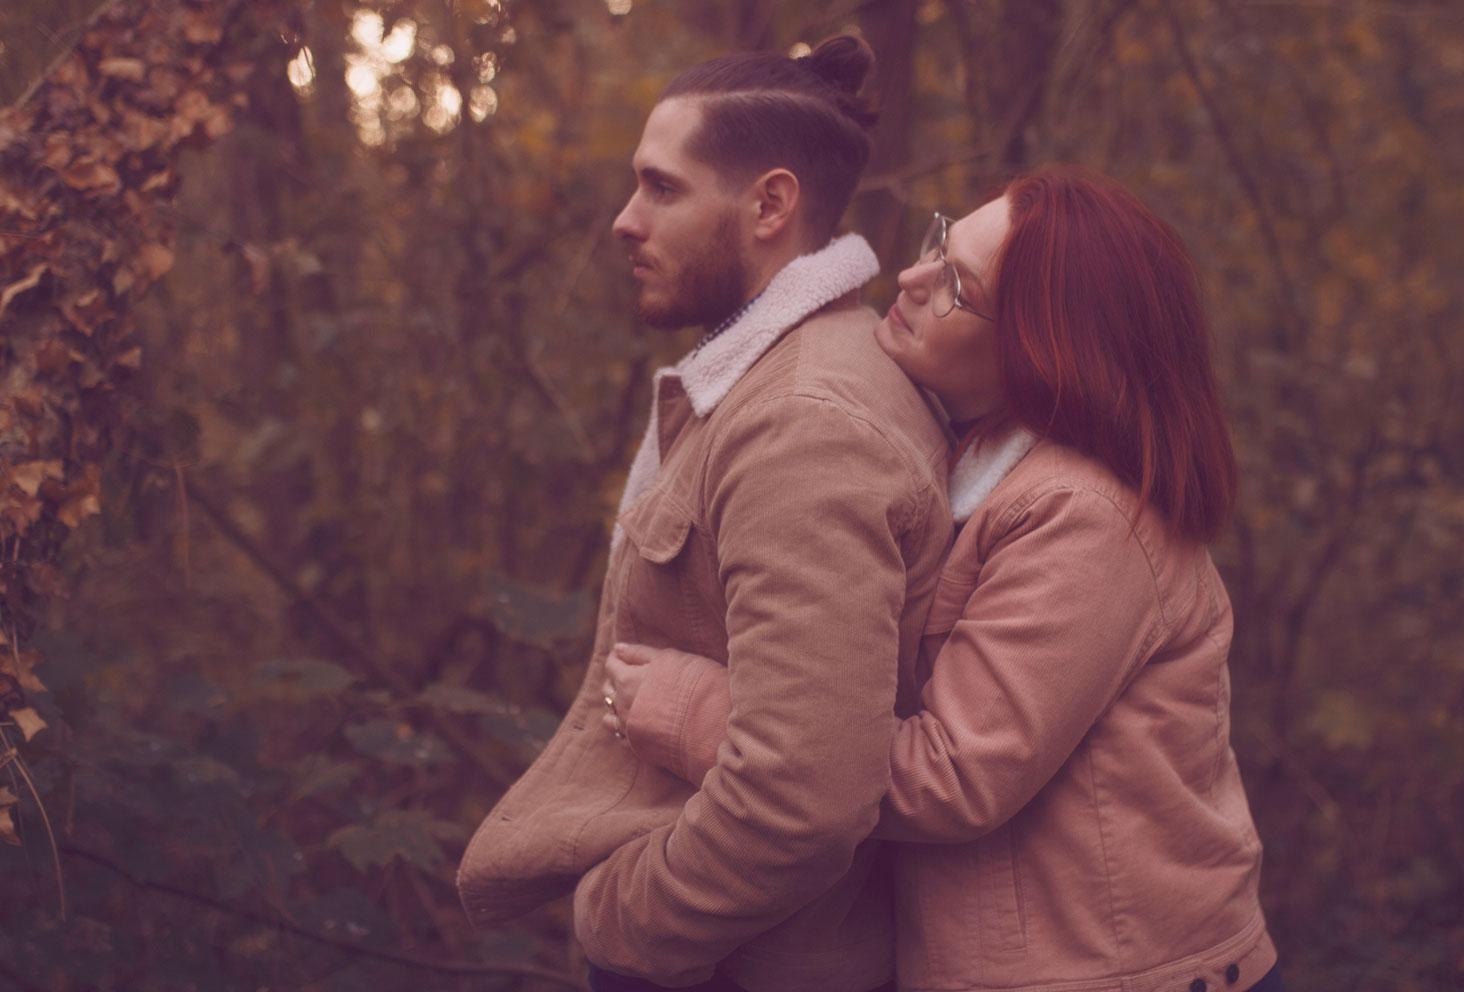 Séance photo en couple dans la forêt, câlin d'amoureux